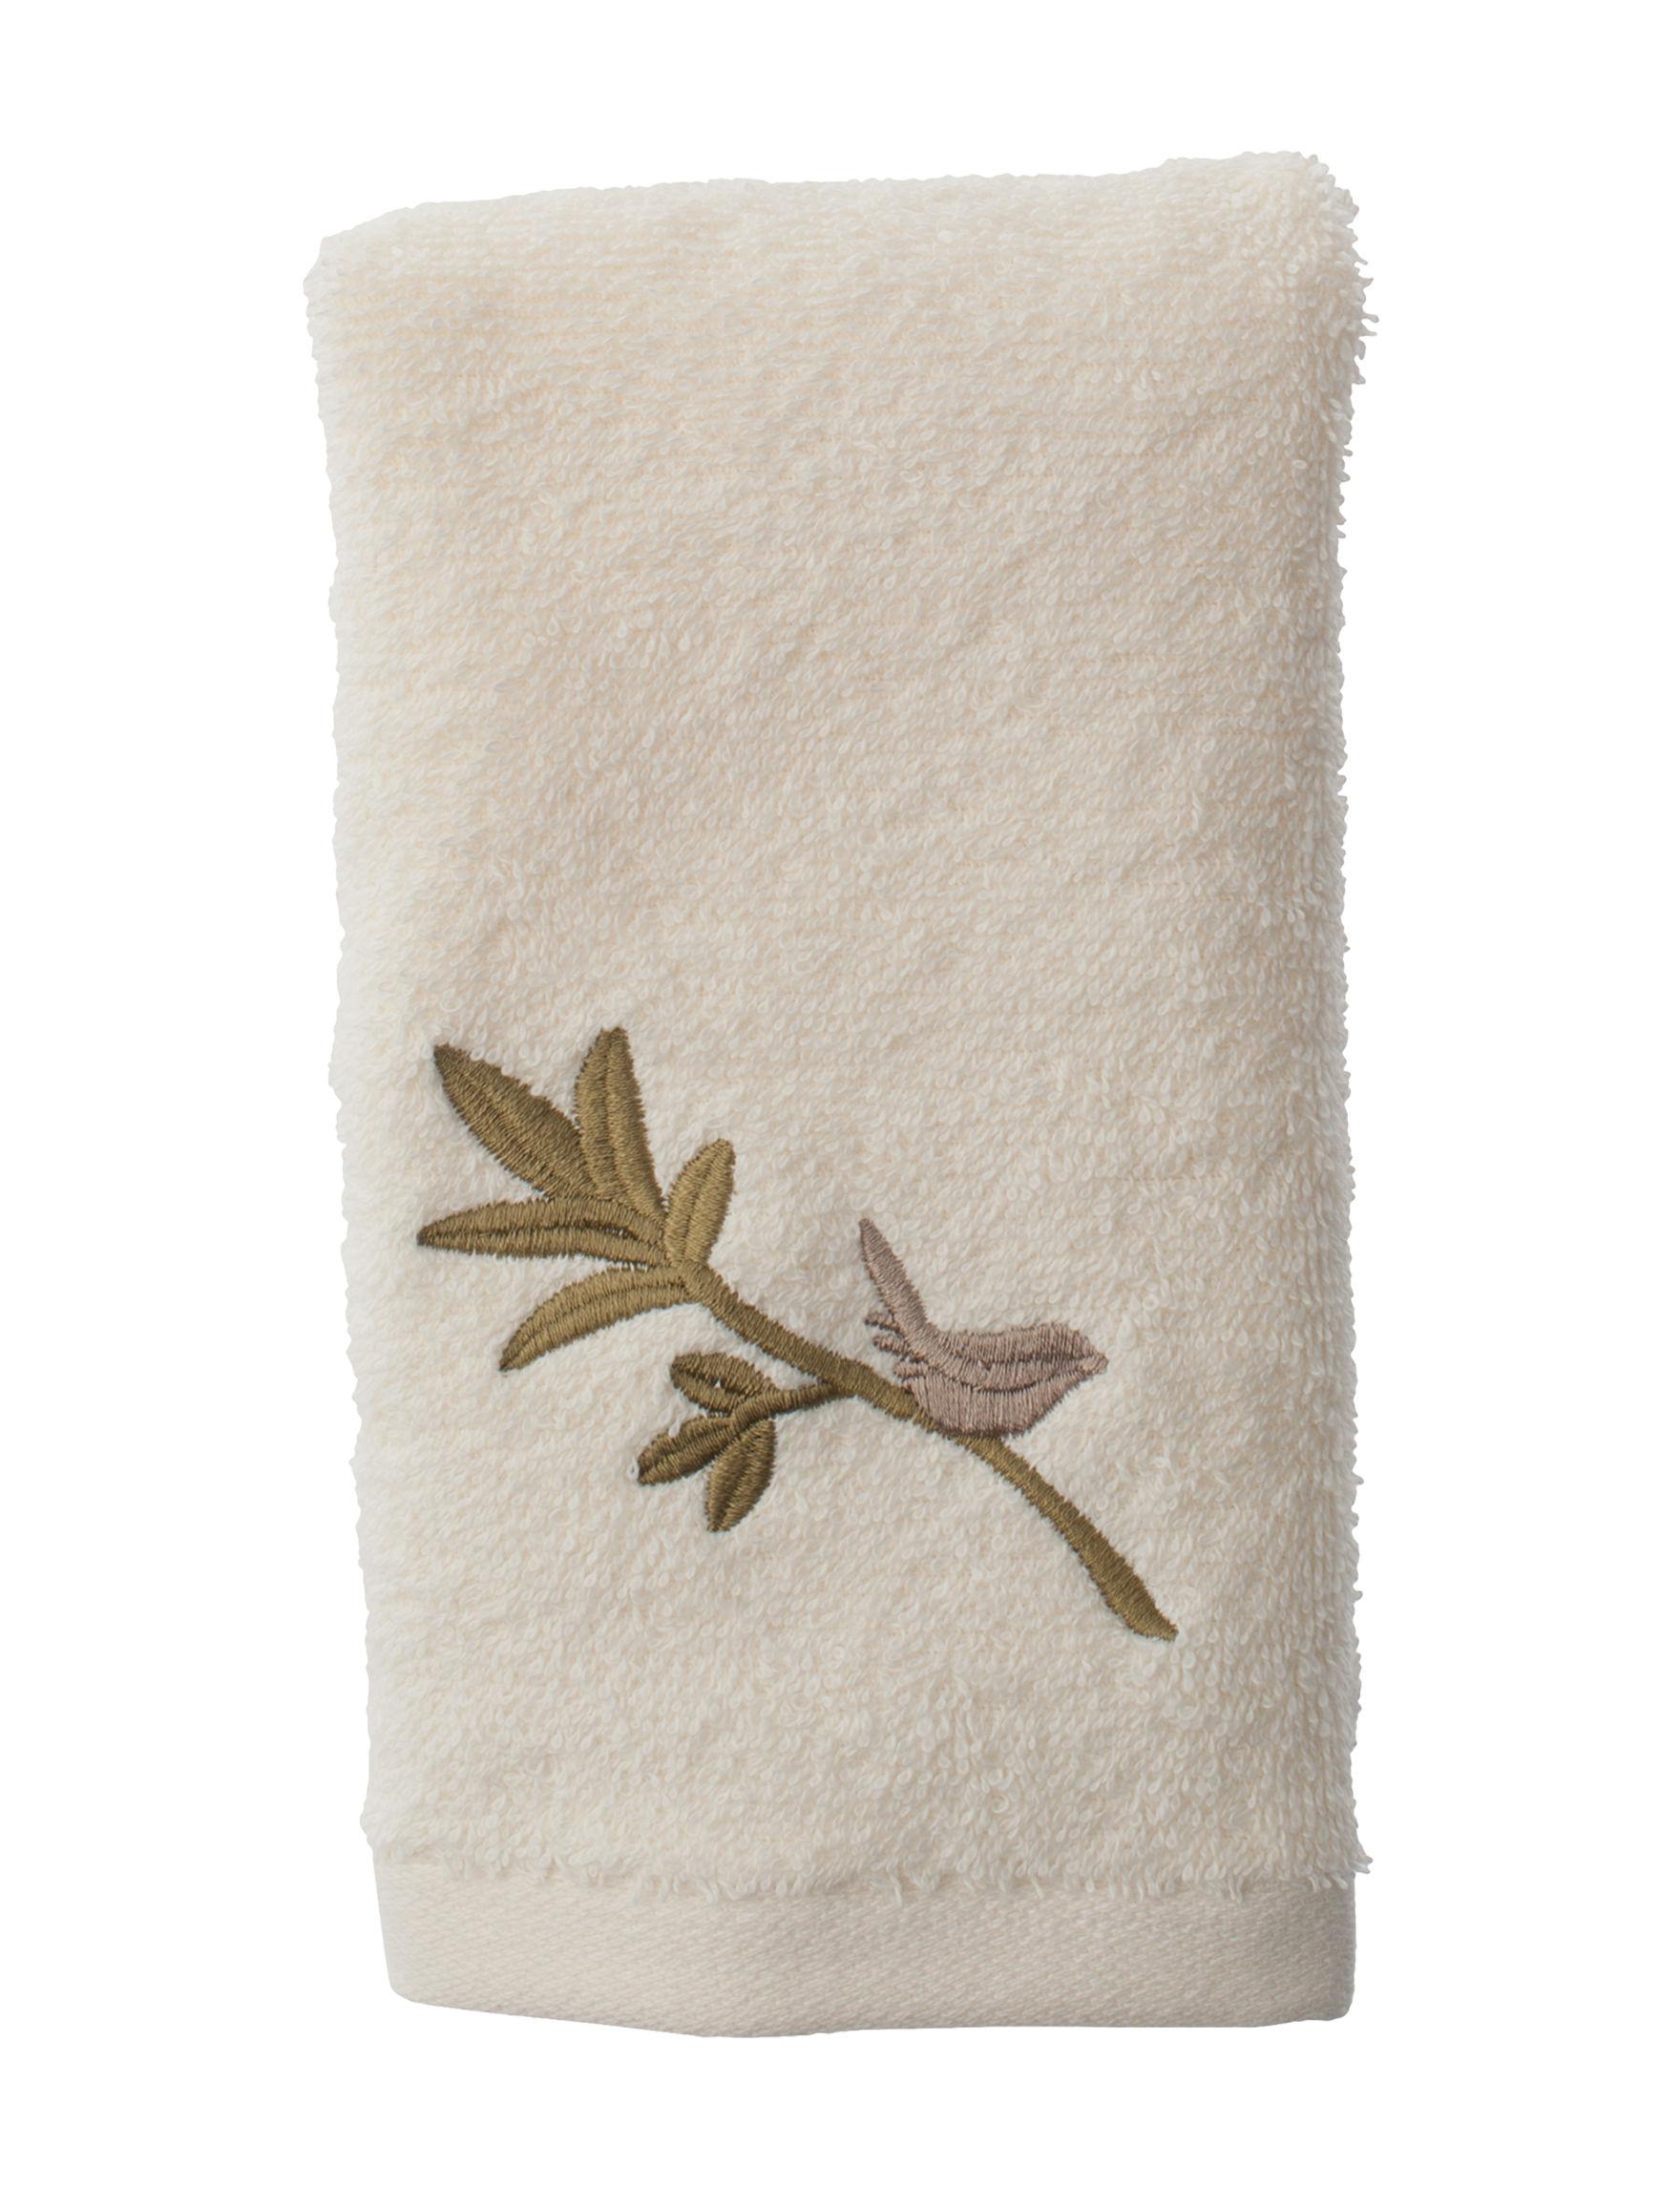 Avanti Beige Fingertip Towels Towels